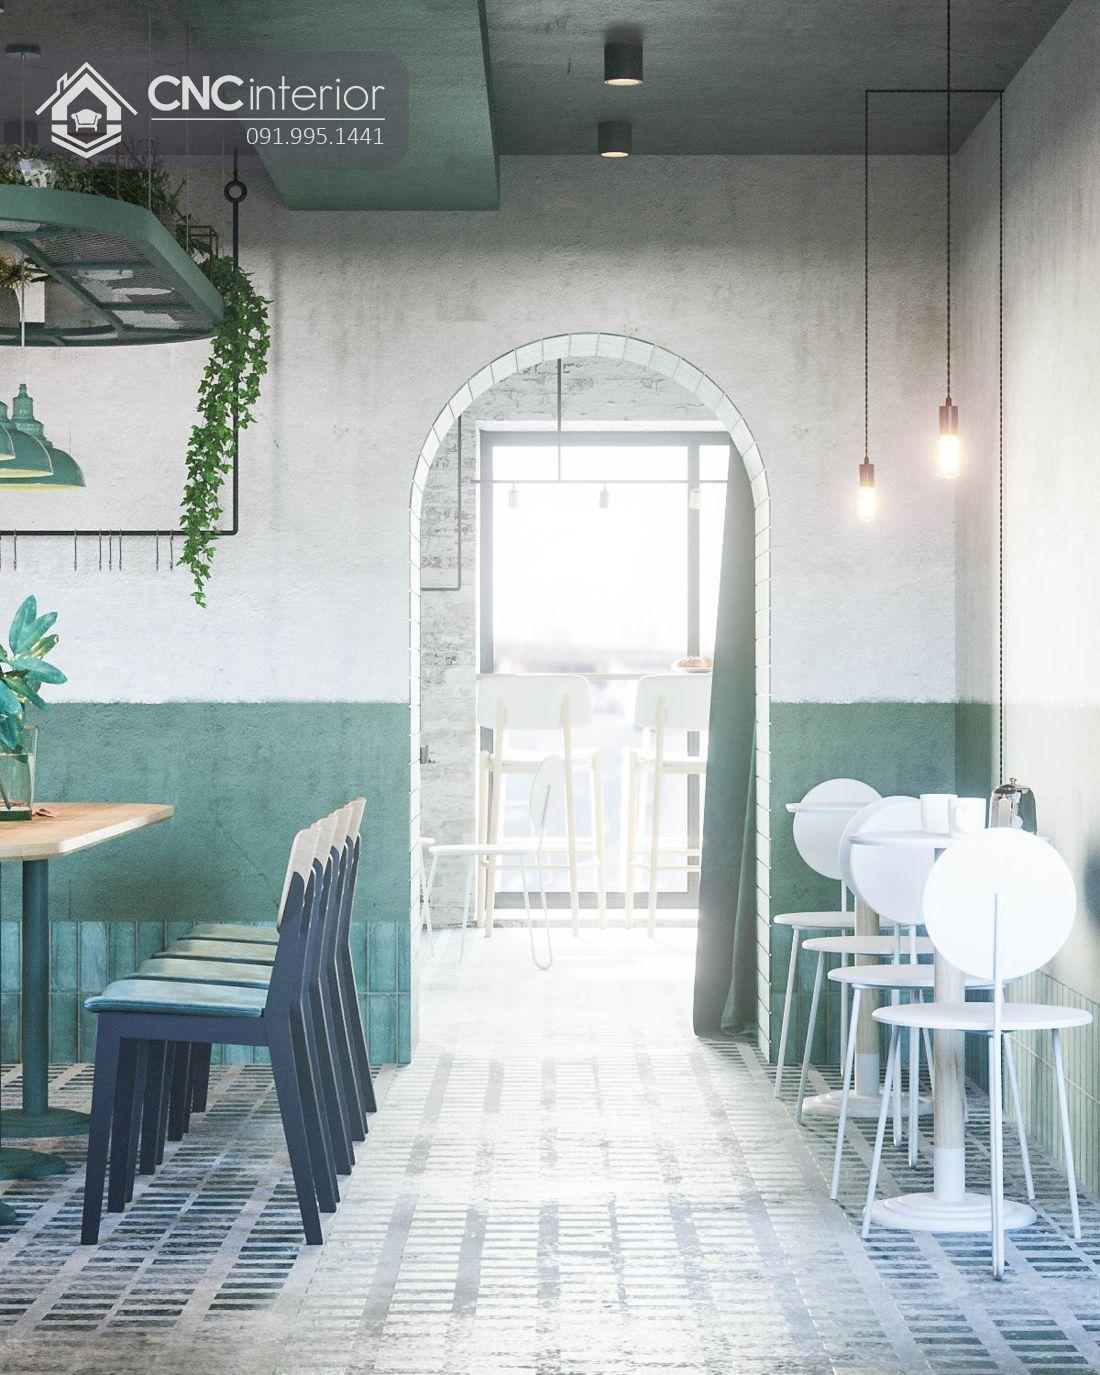 quán cafe Lovos Coffee quận Bình Thạnh